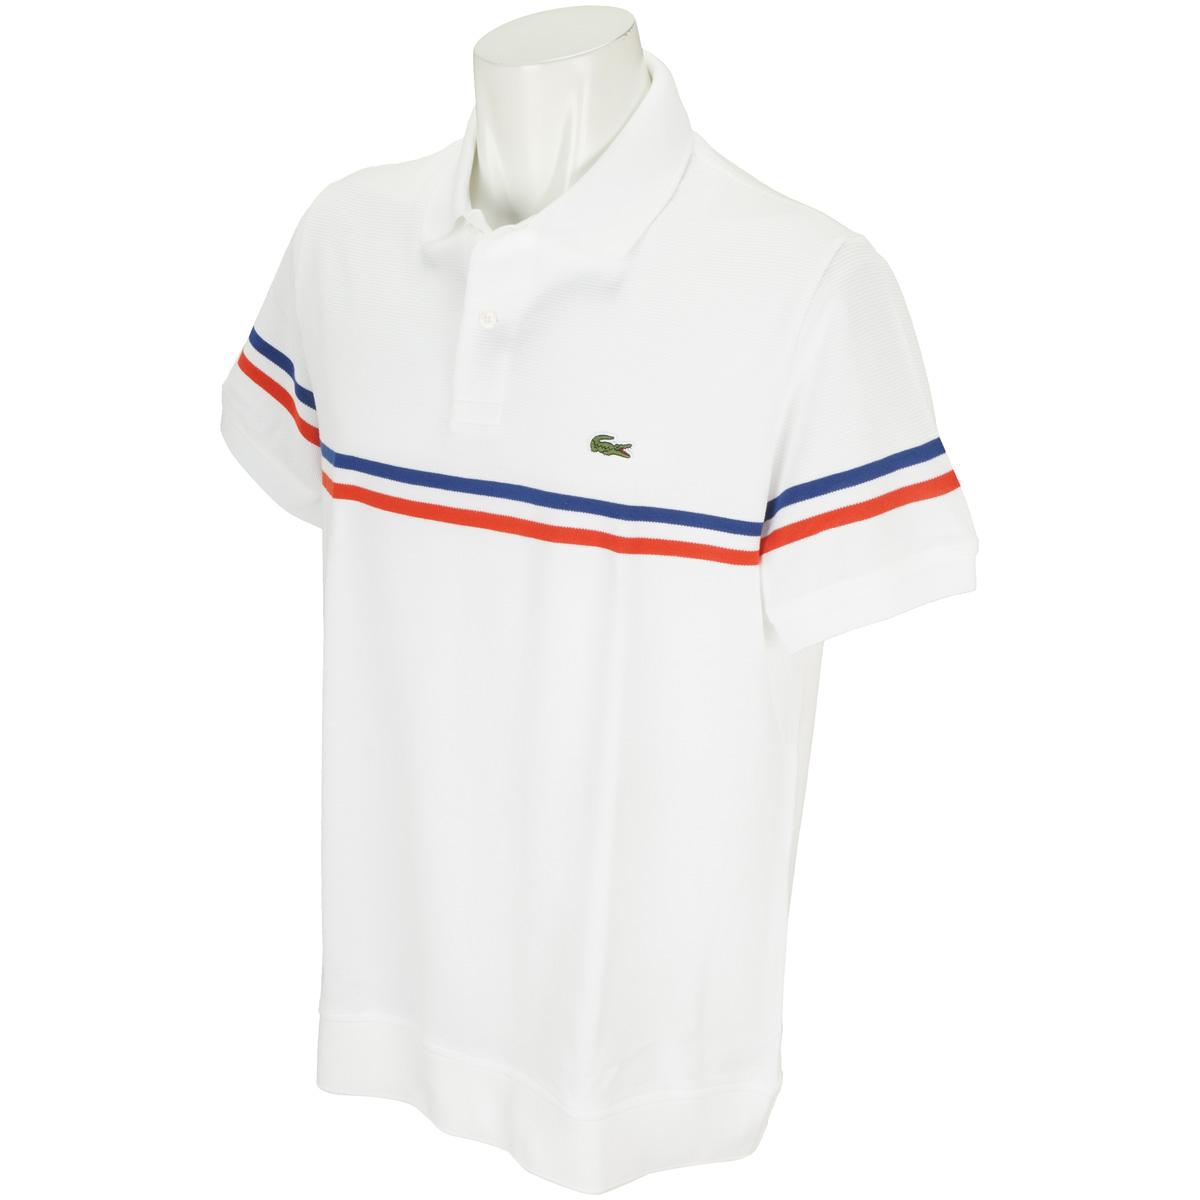 トリプルカラーライン切り替えスリム半袖ポロシャツ